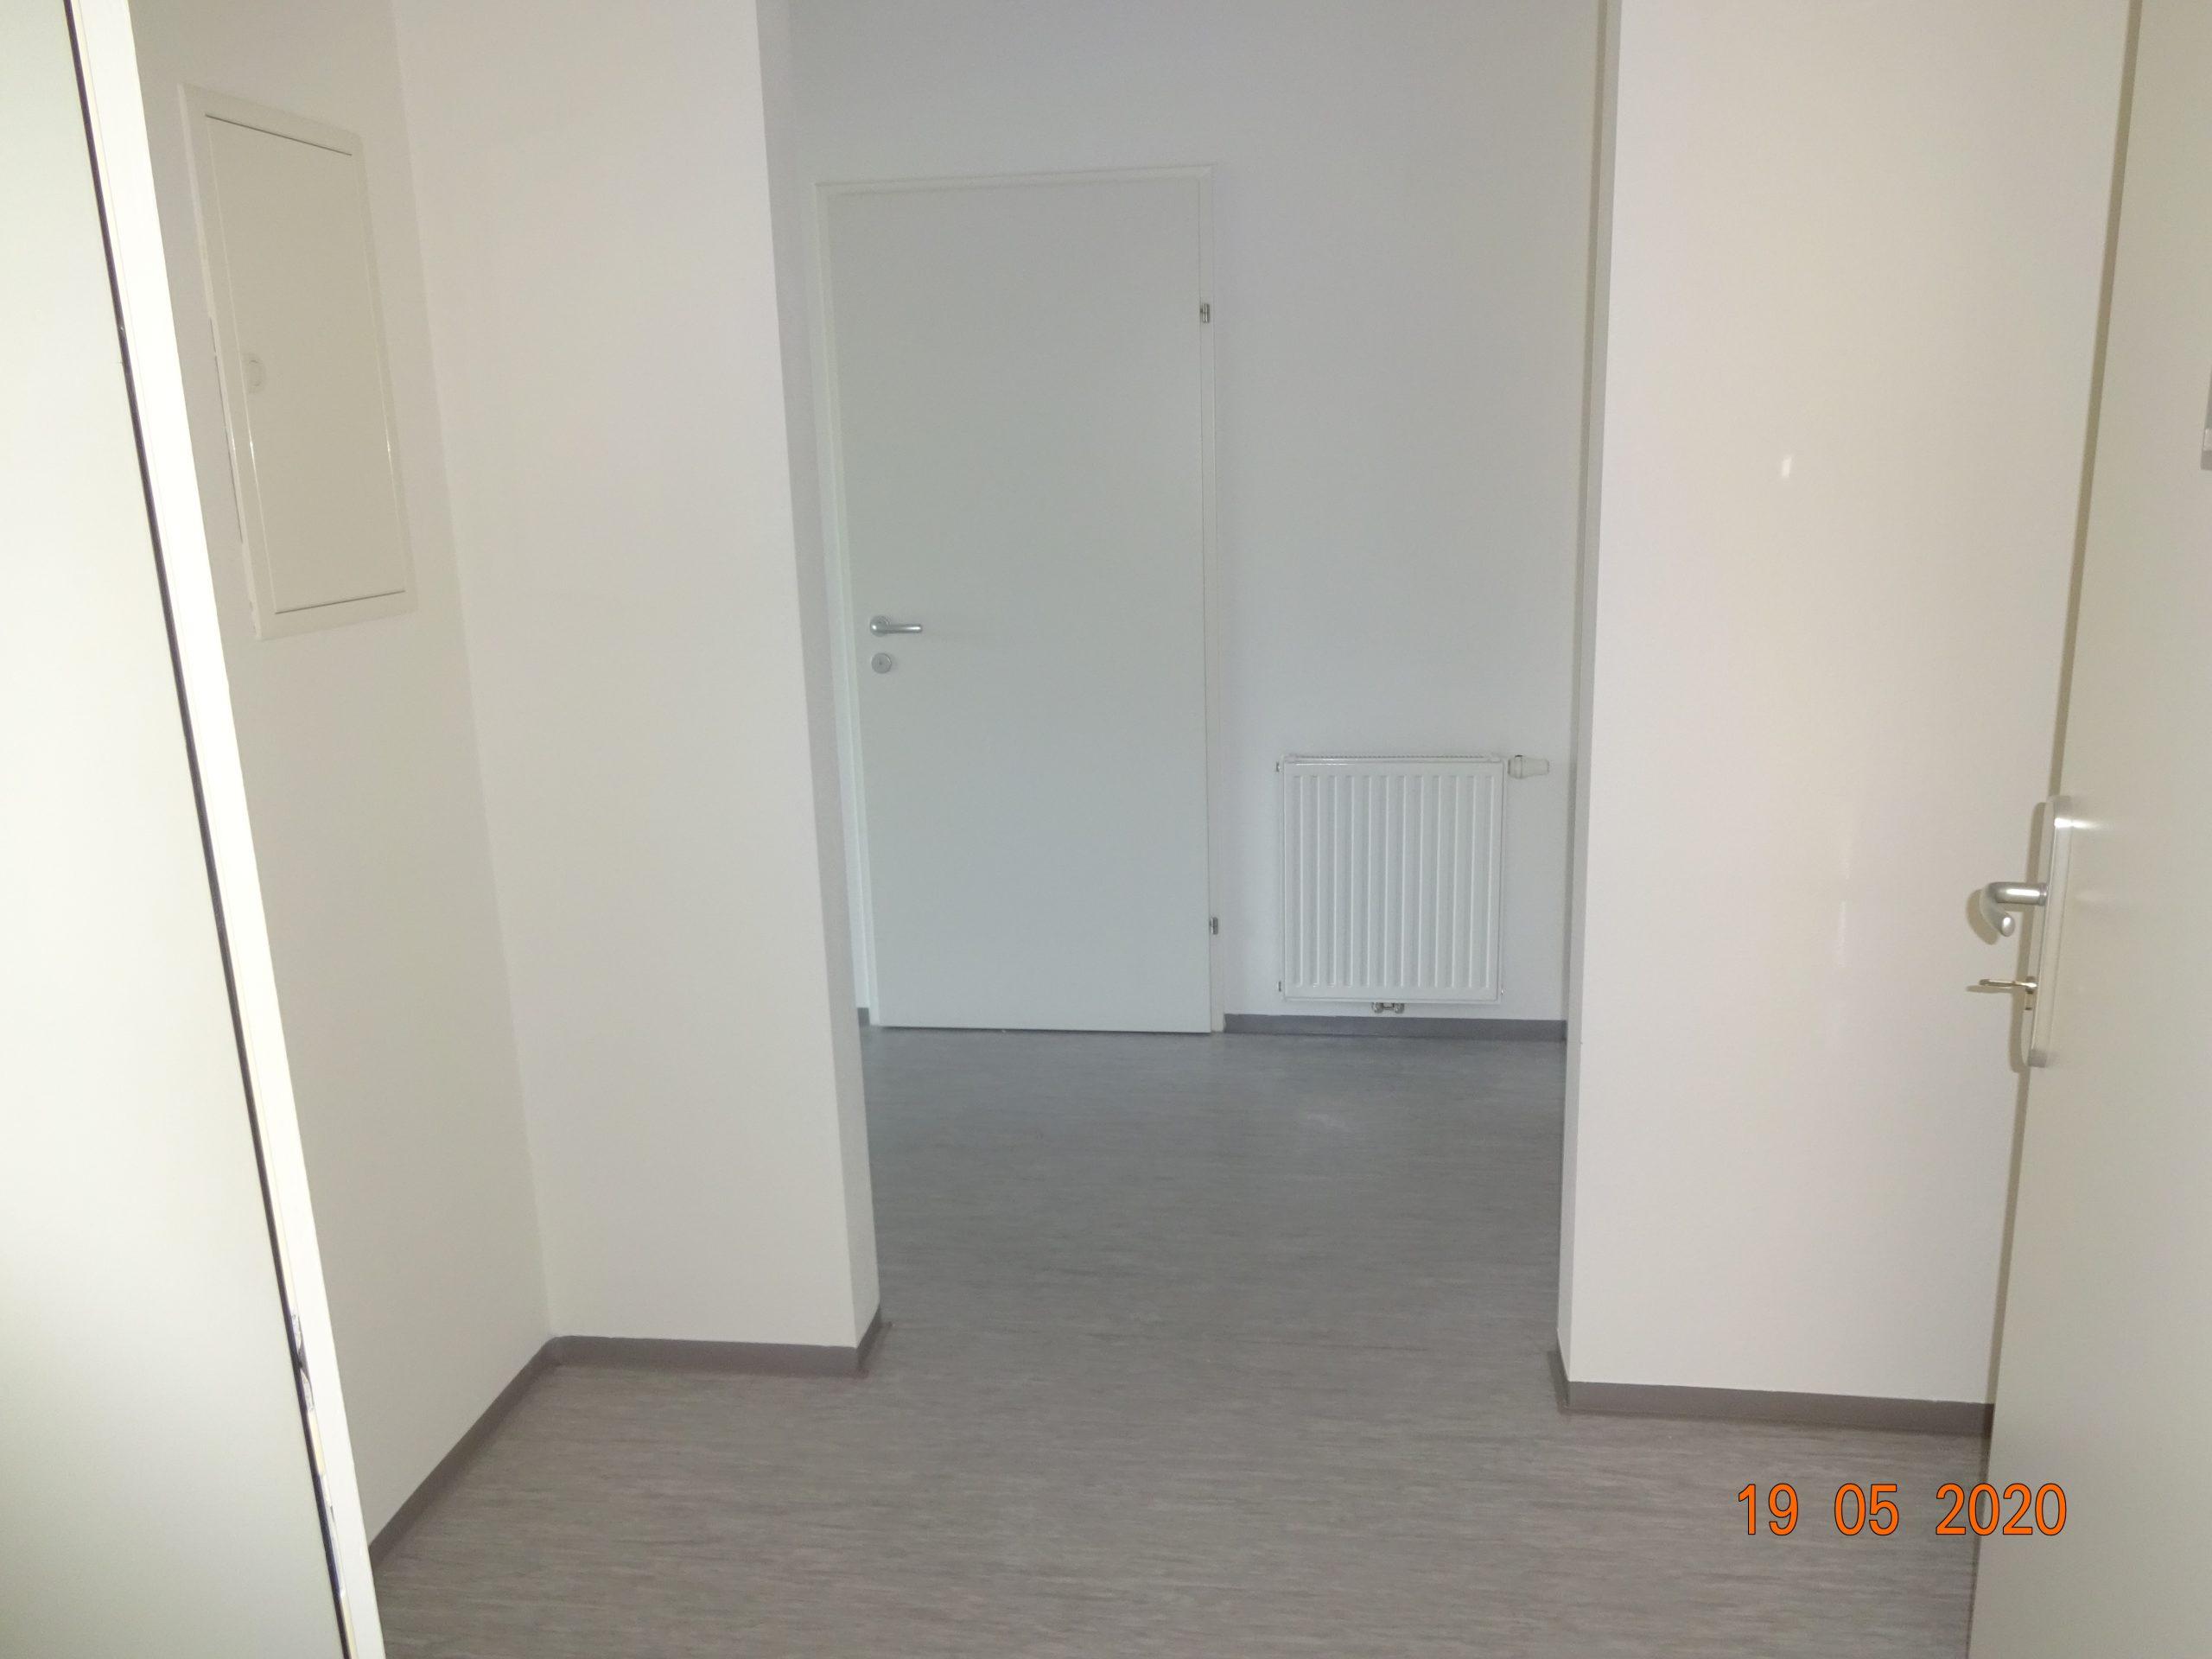 Immobilie von Kamptal in 3925 Arbesbach, Zwettl, Arbesbach II - Top 7 #5